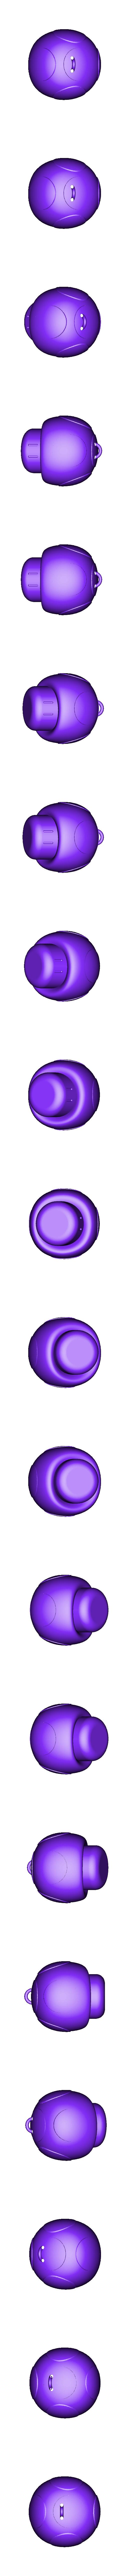 mushroom_single.stl Télécharger fichier STL gratuit Cintre Super Mario Mushroom 1UP (Extrusion simple double et modulaire) • Objet imprimable en 3D, Runstone